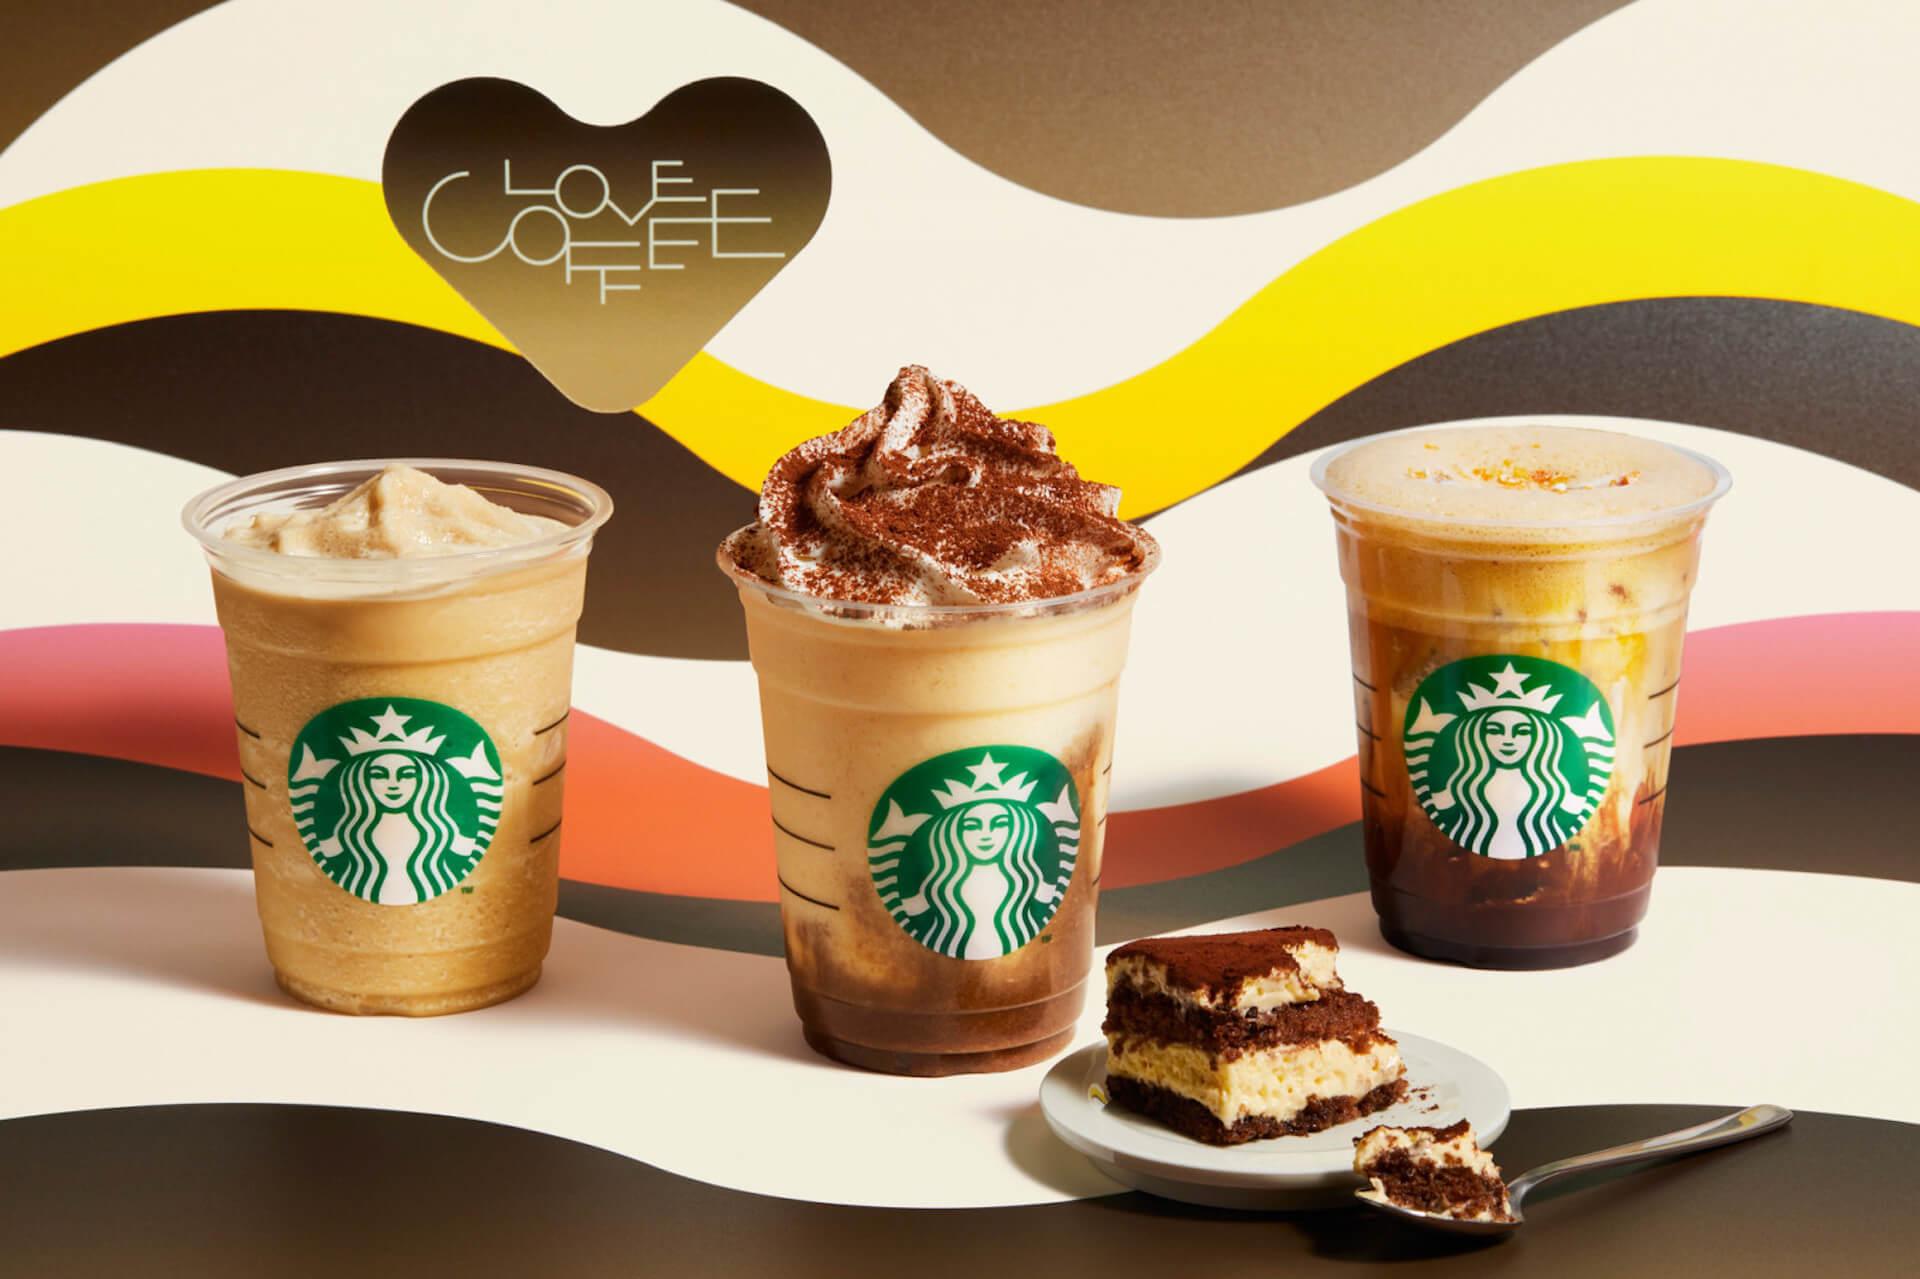 コーヒーがルーツのスタバ新作フラペチーノが本日ついに登場!「コーヒー ティラミス フラペチーノ」「コールドブリュー コーヒー フラペチーノ」など発売 gourmet210414_starbucks_1